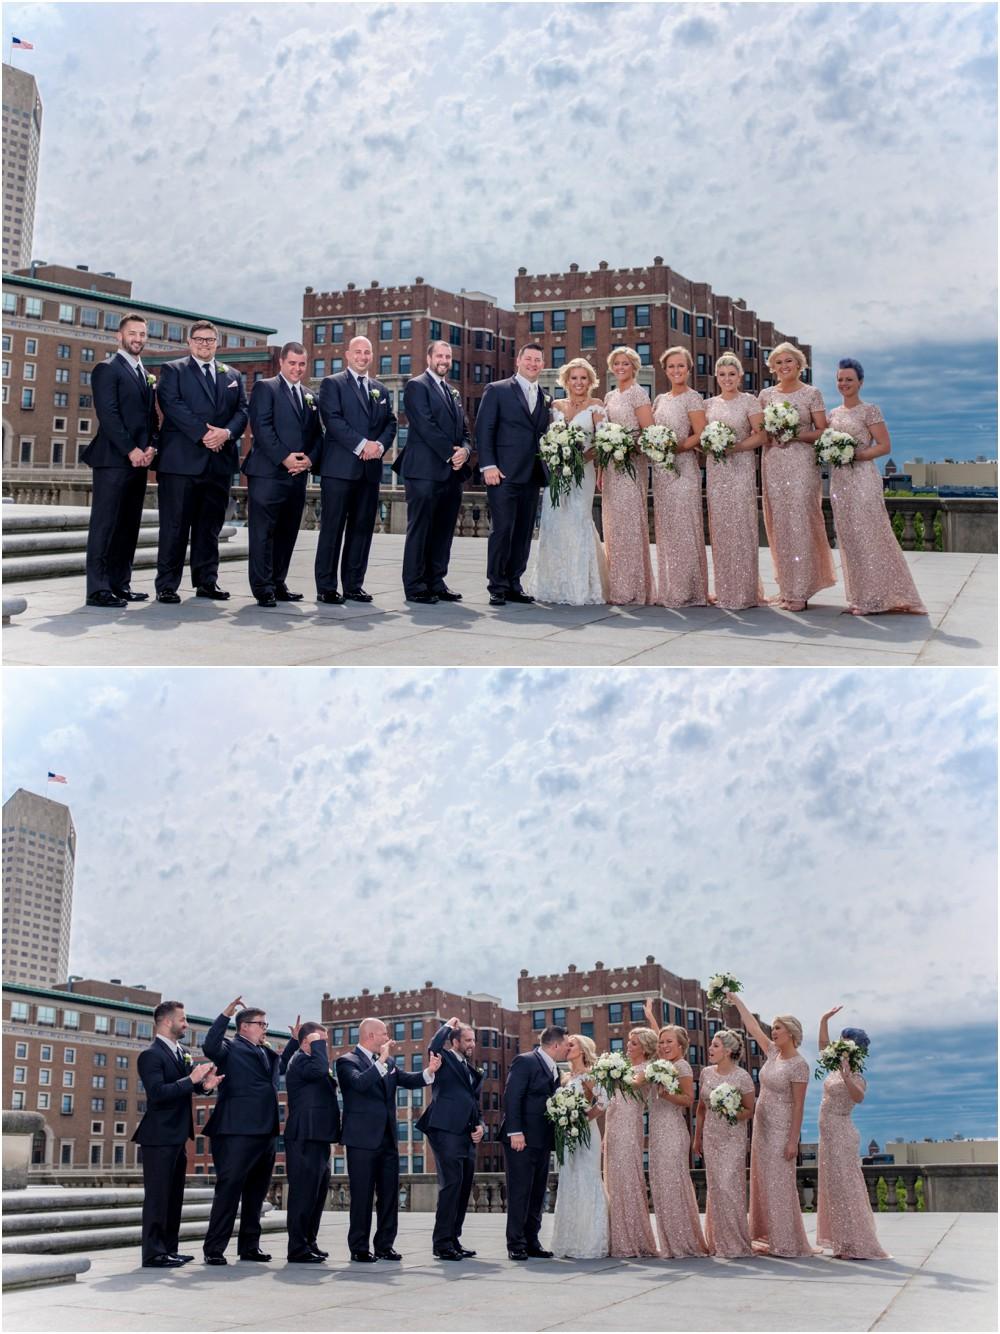 Sanctuary-on-Penn-Wedding-Photos-11.jpg